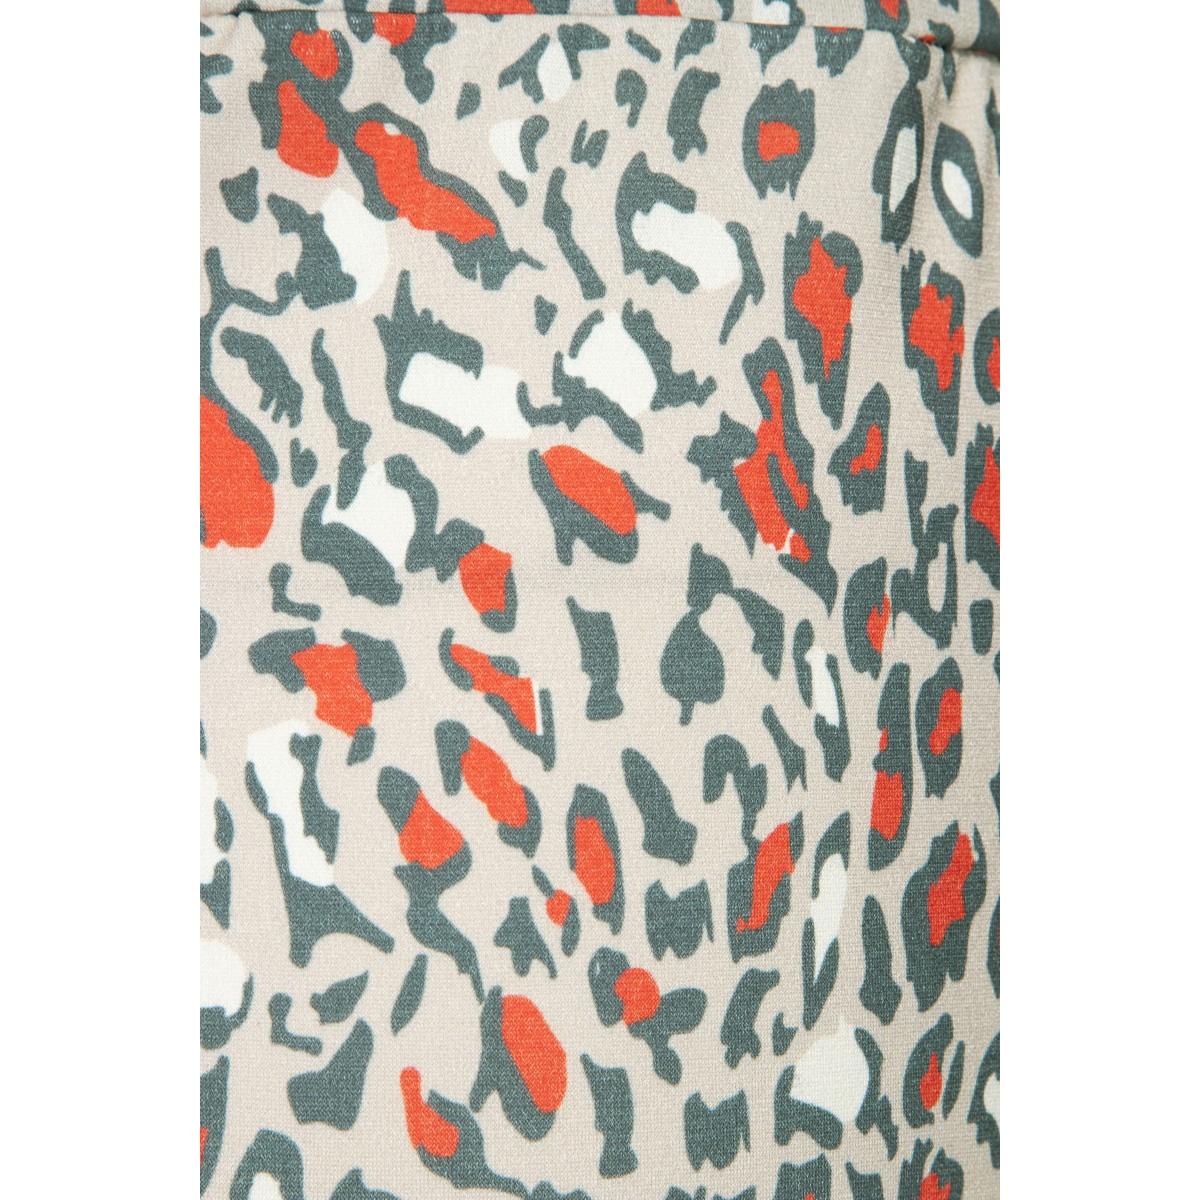 sas printed leopard legging 201 zoso legging 0007/0072 sand/desert red